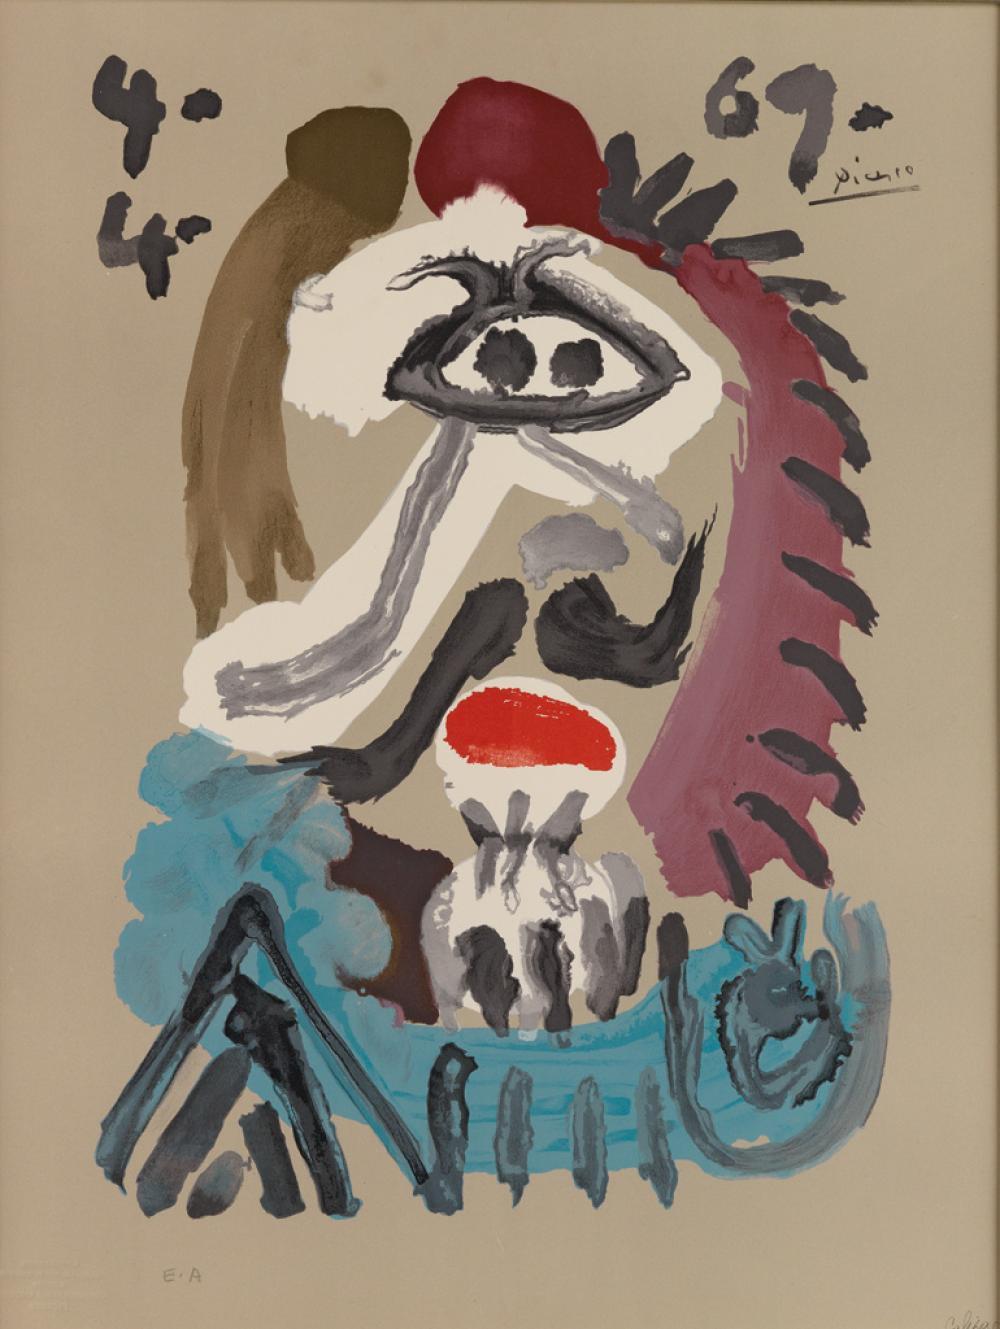 PABLO PICASSO (after) Vingt-Neuf Portraits Imaginaires